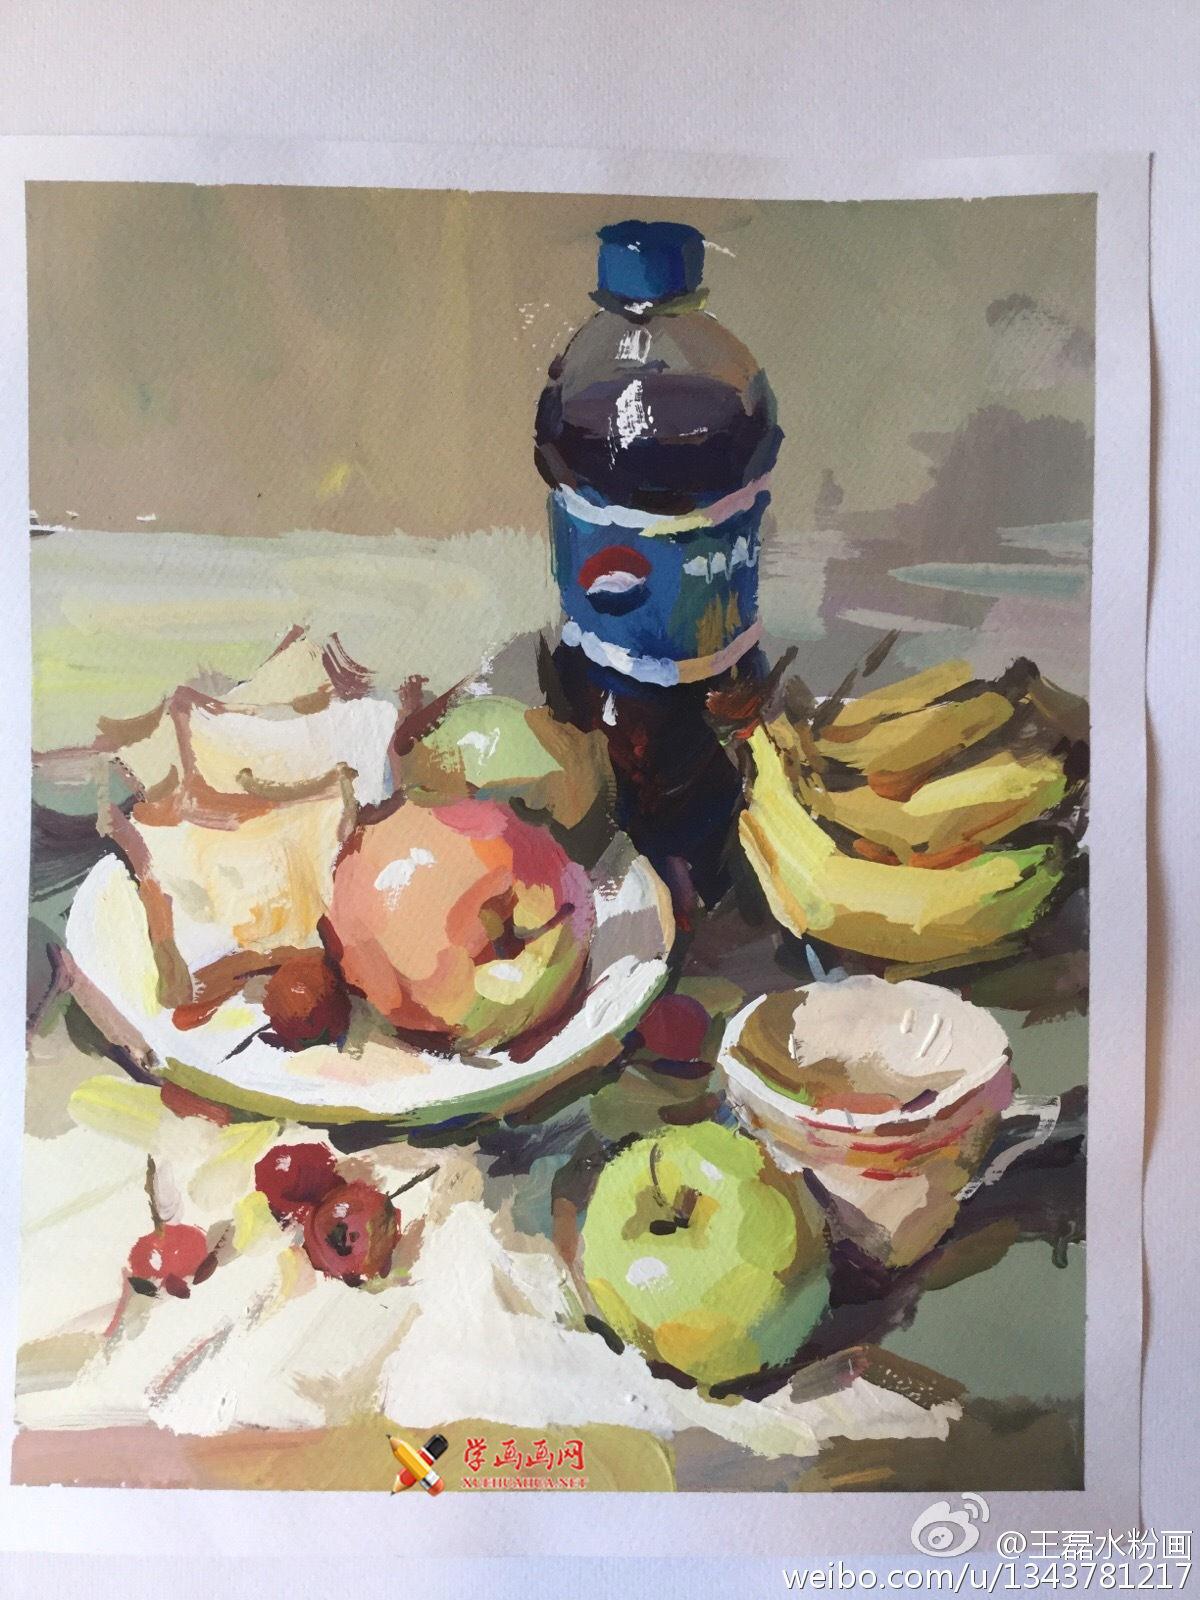 水粉画静物图片:可乐瓶、苹果、面包、香蕉、白瓷盘组合(1)